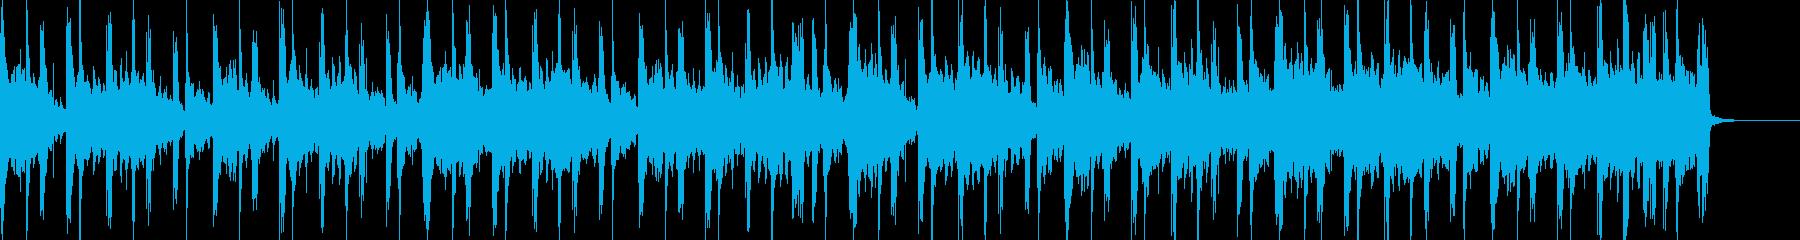 穏やかなヒップホップの再生済みの波形